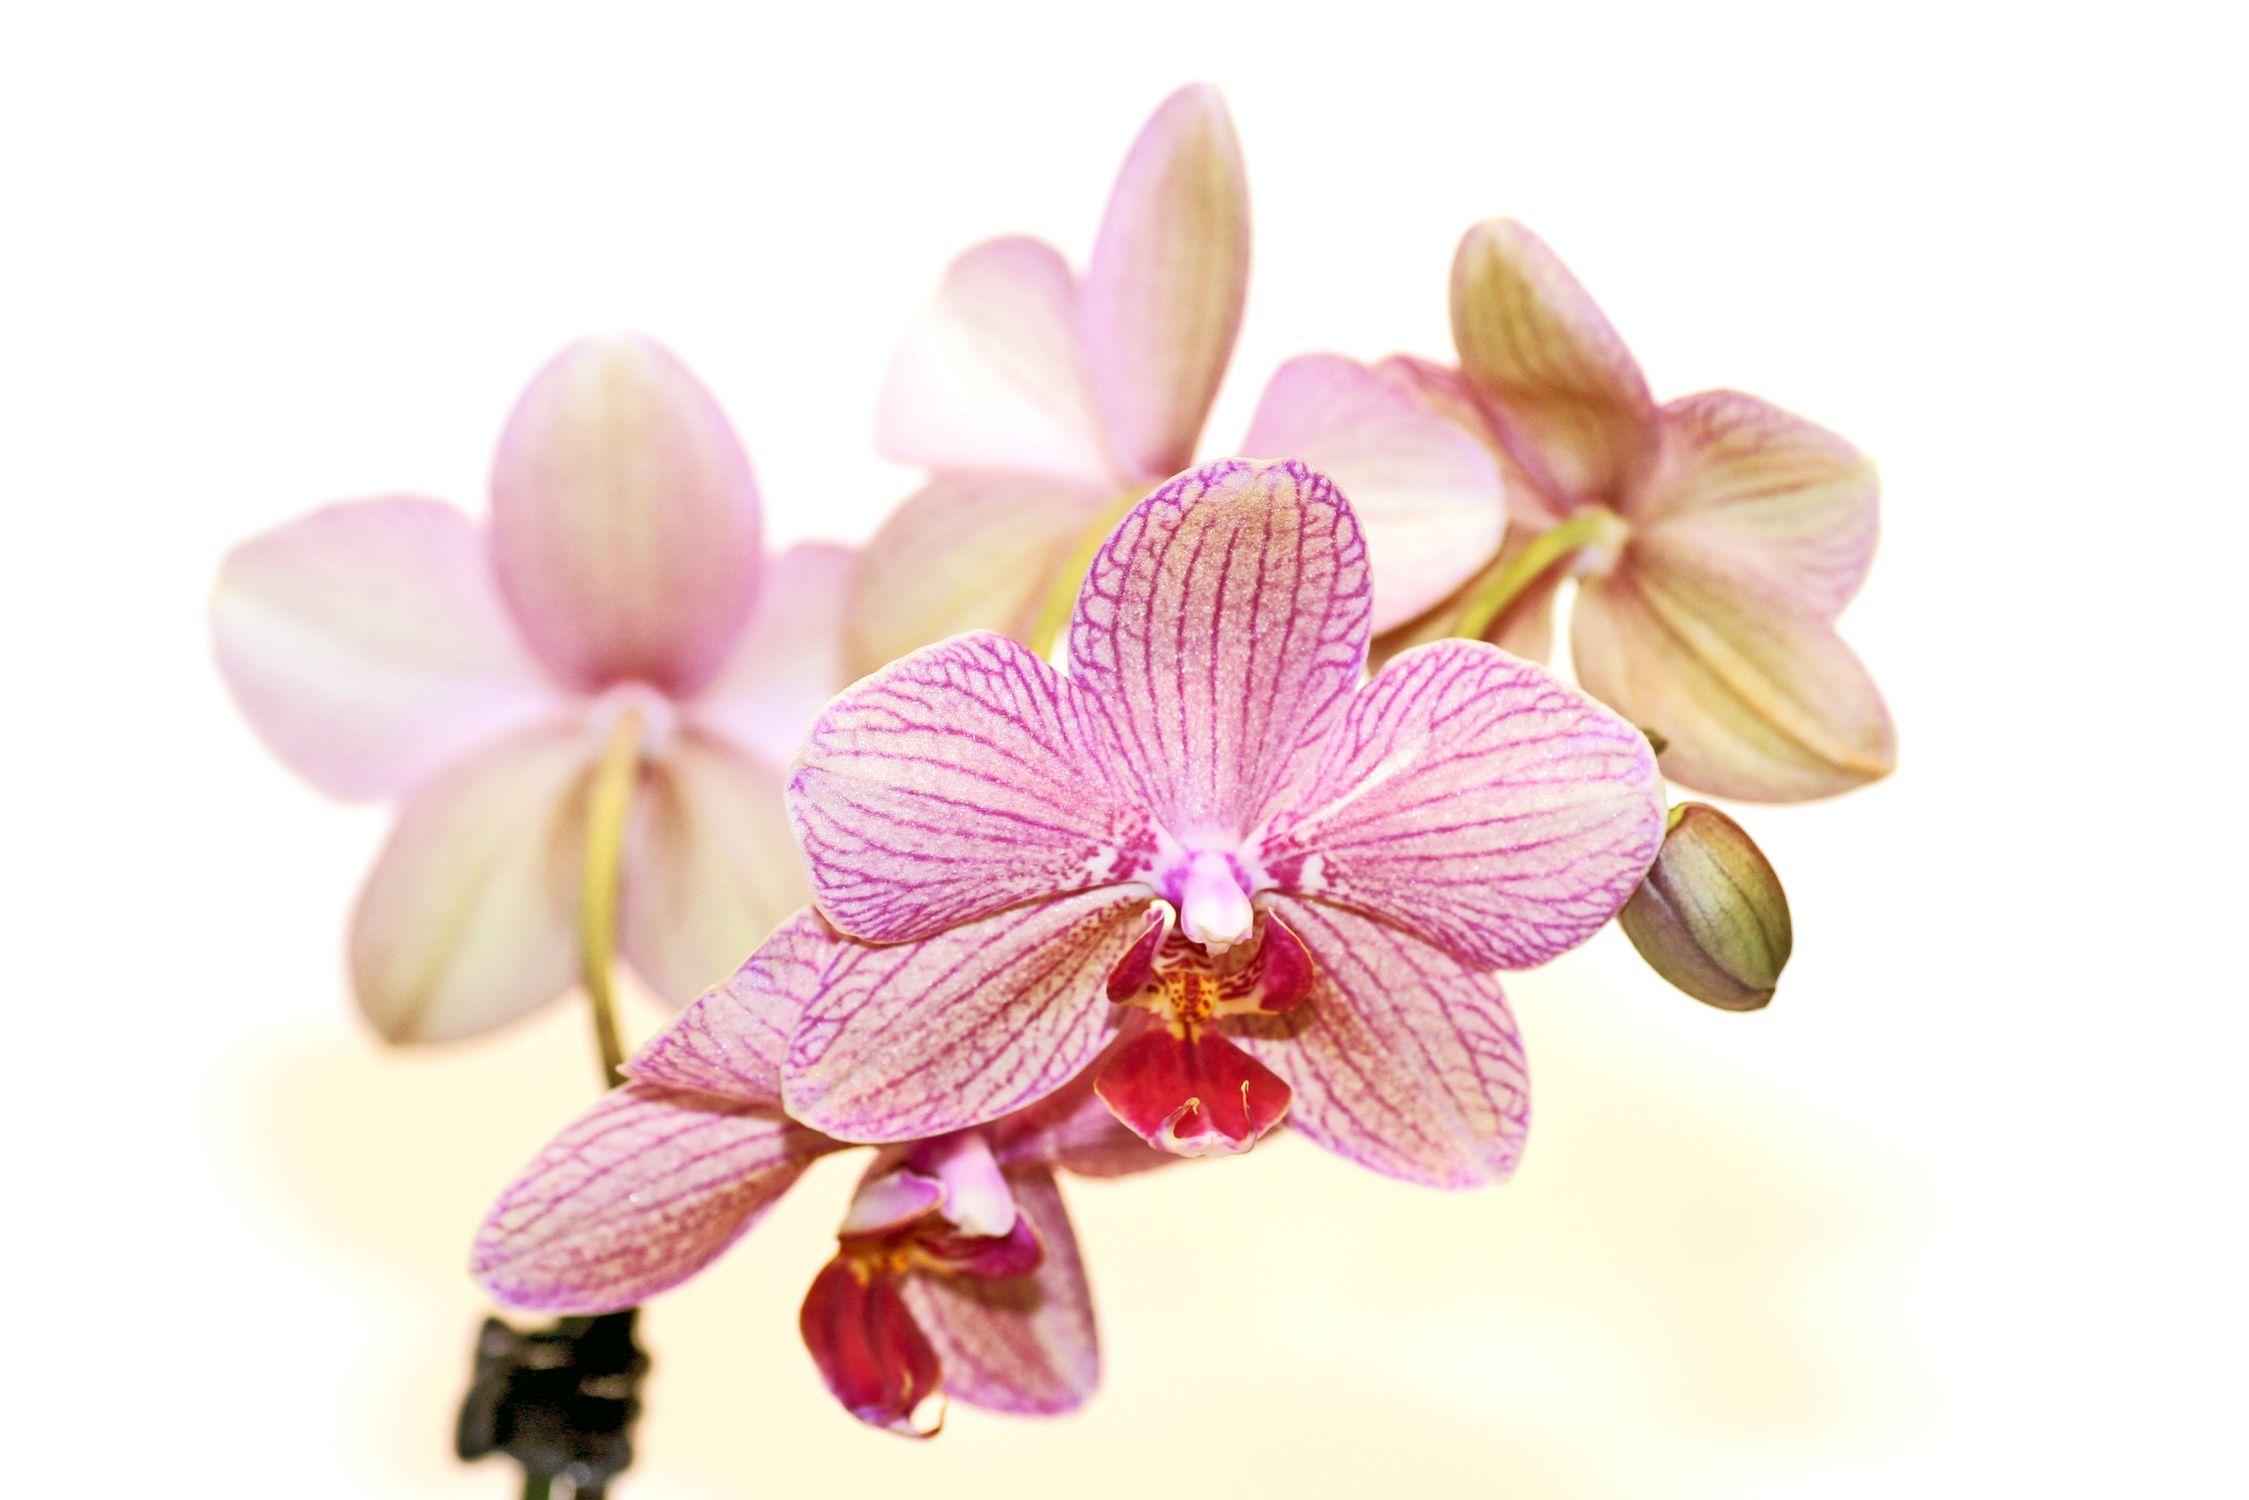 Bild mit Farben, Natur, Pflanzen, Blumen, Rosa, Orchideen, Blume, Orchidee, Orchidee, Orchid, Orchids, Orchideengewächse, Pflanze, Orchidaceae, Grammatophyllum speciosum, Orchideen vor weißem Hintergrund, Tiger